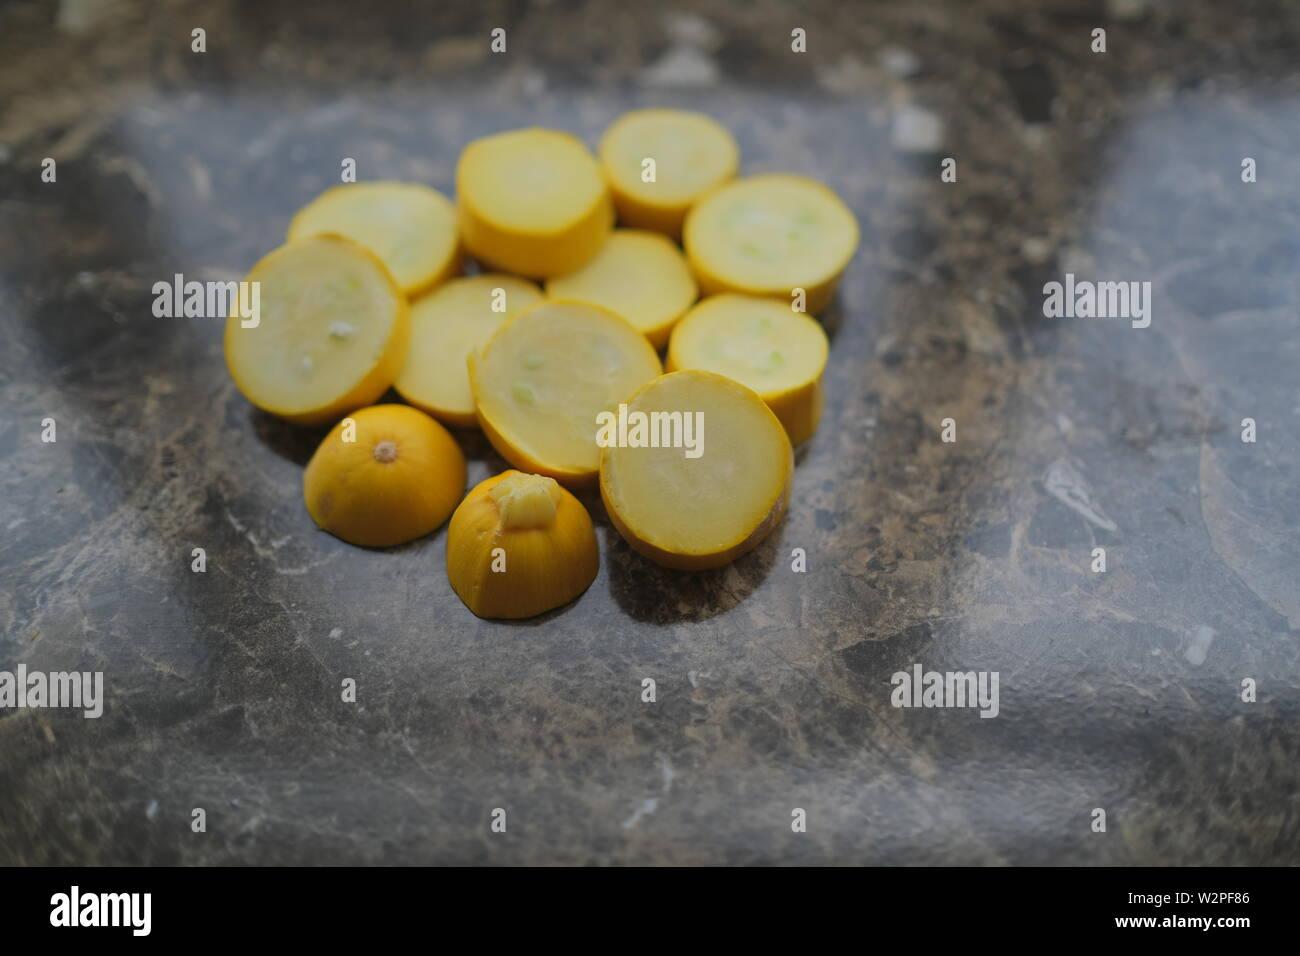 Yellow zucchini cut into circles - Stock Image